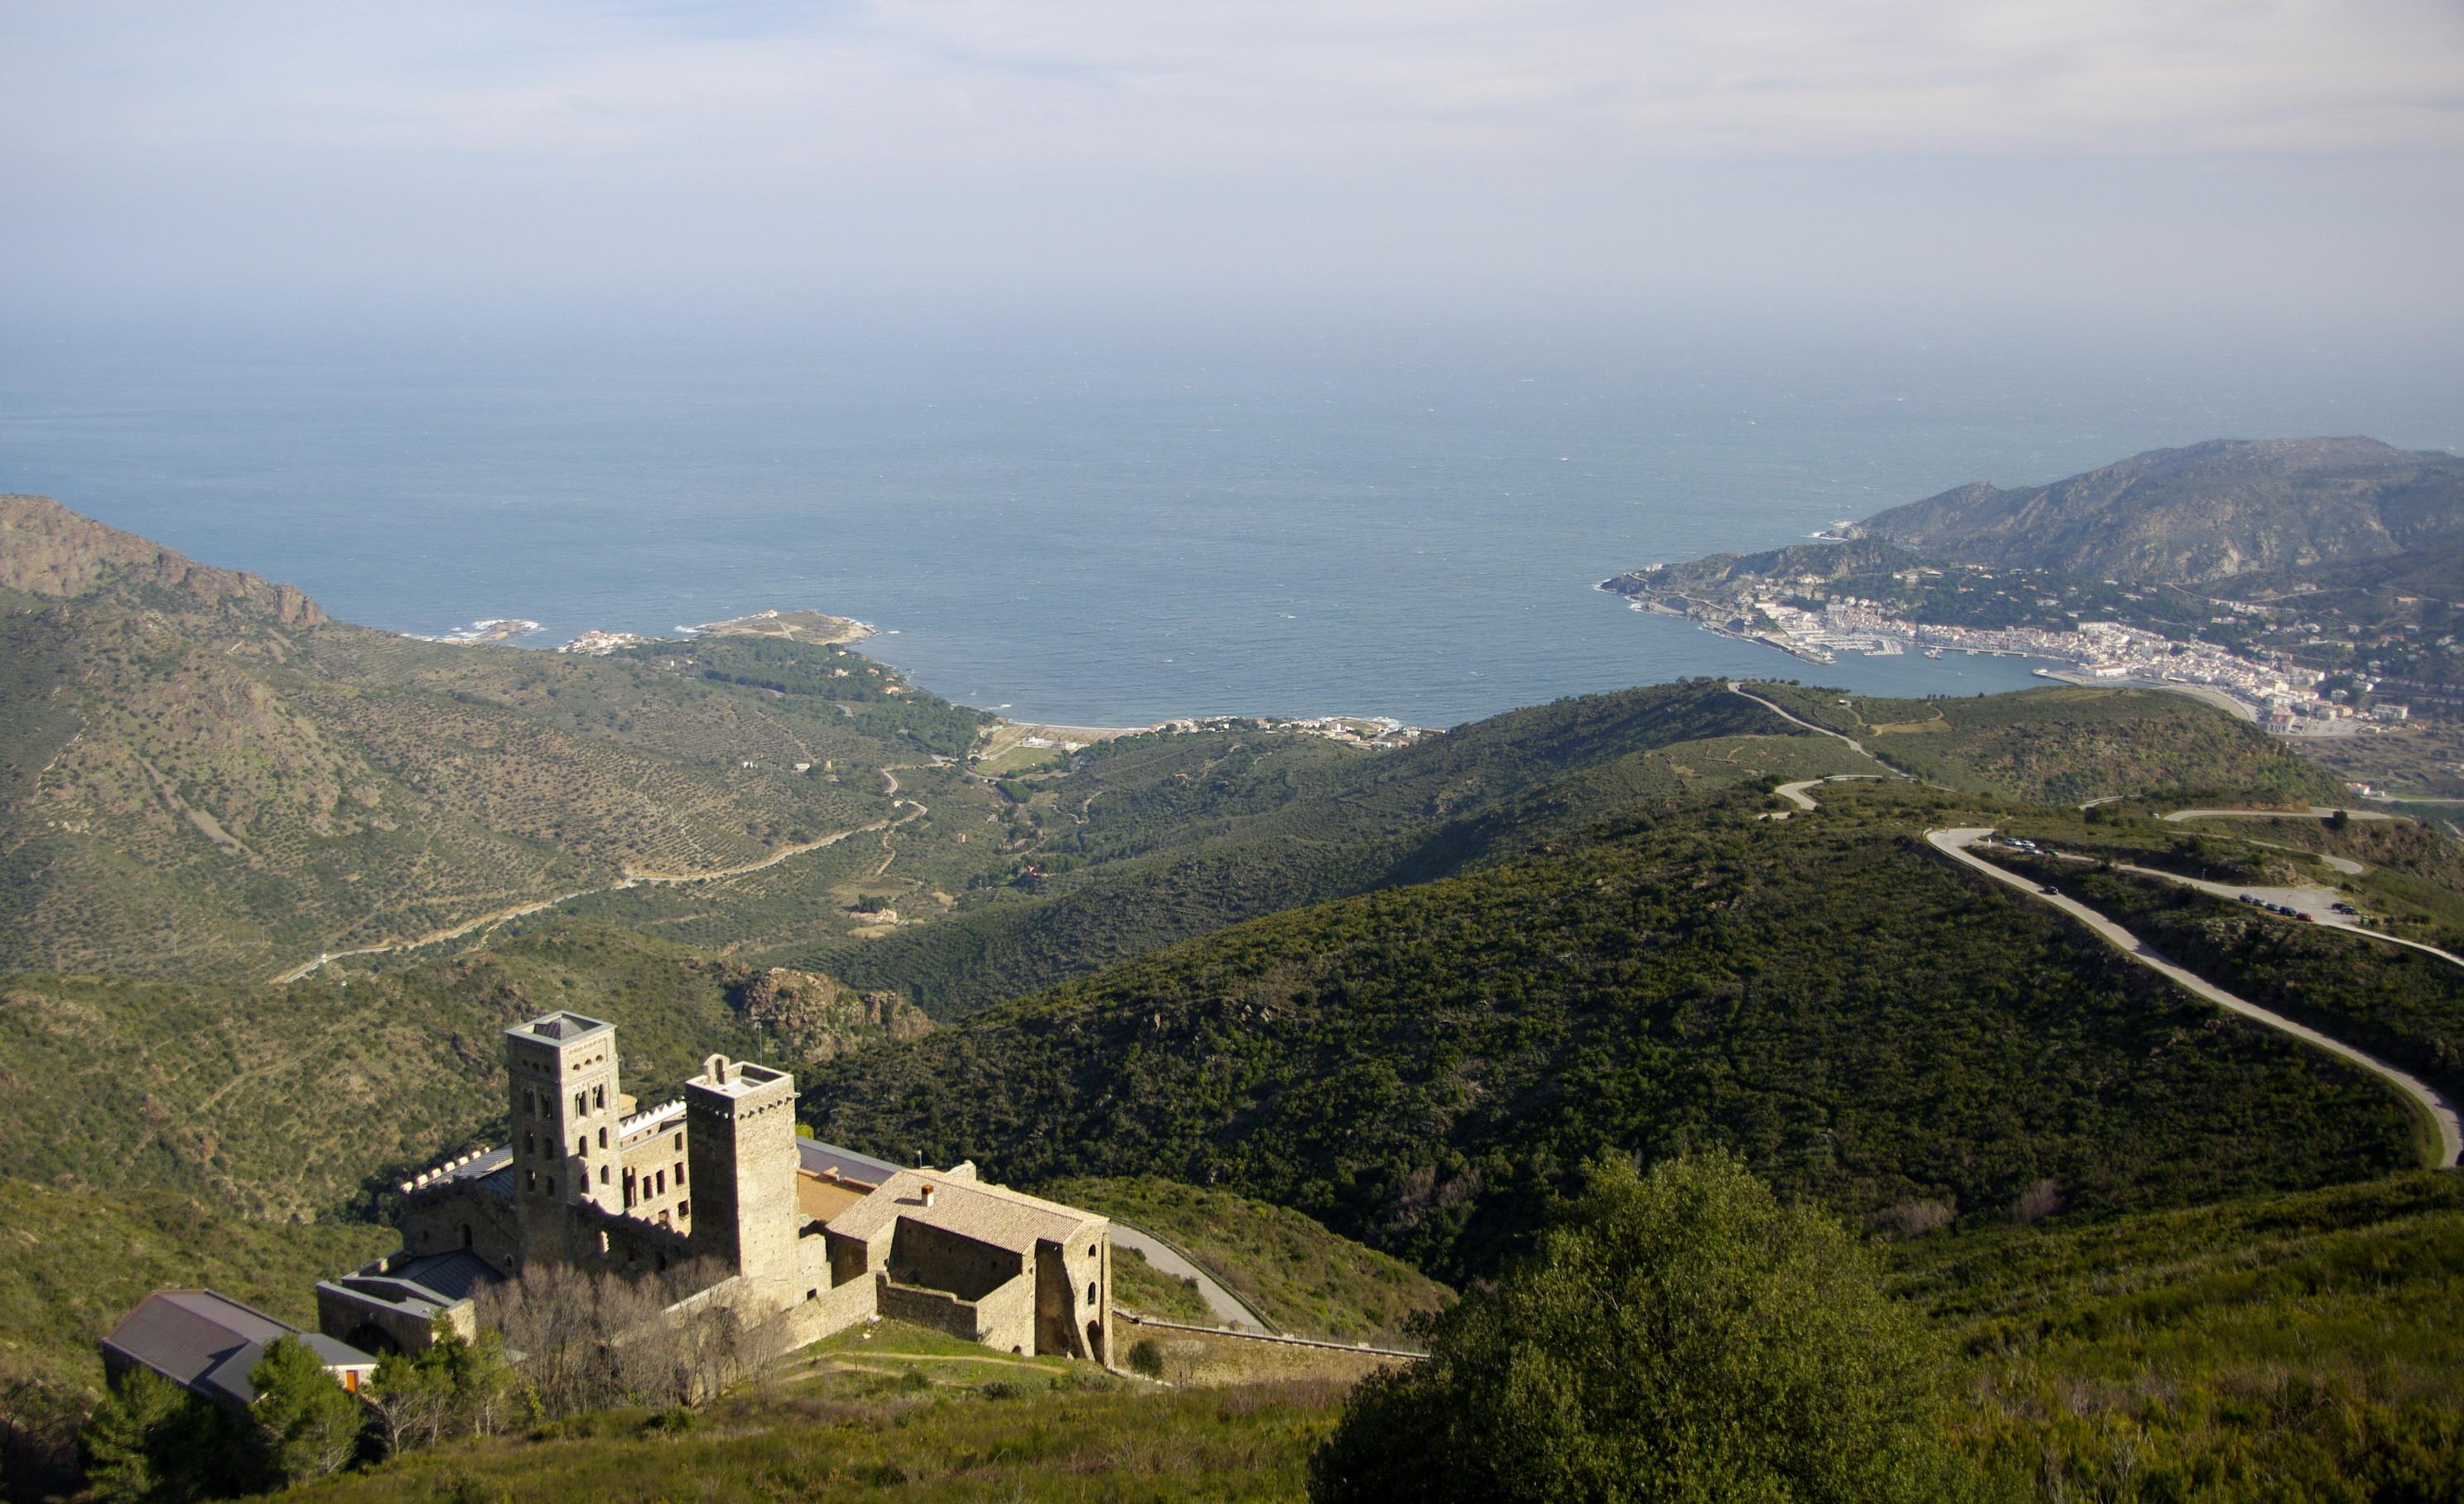 Archivo:Monestir de Sant Pere de Rodes (El Port de la Selva) - 15.jpg - Wikip...